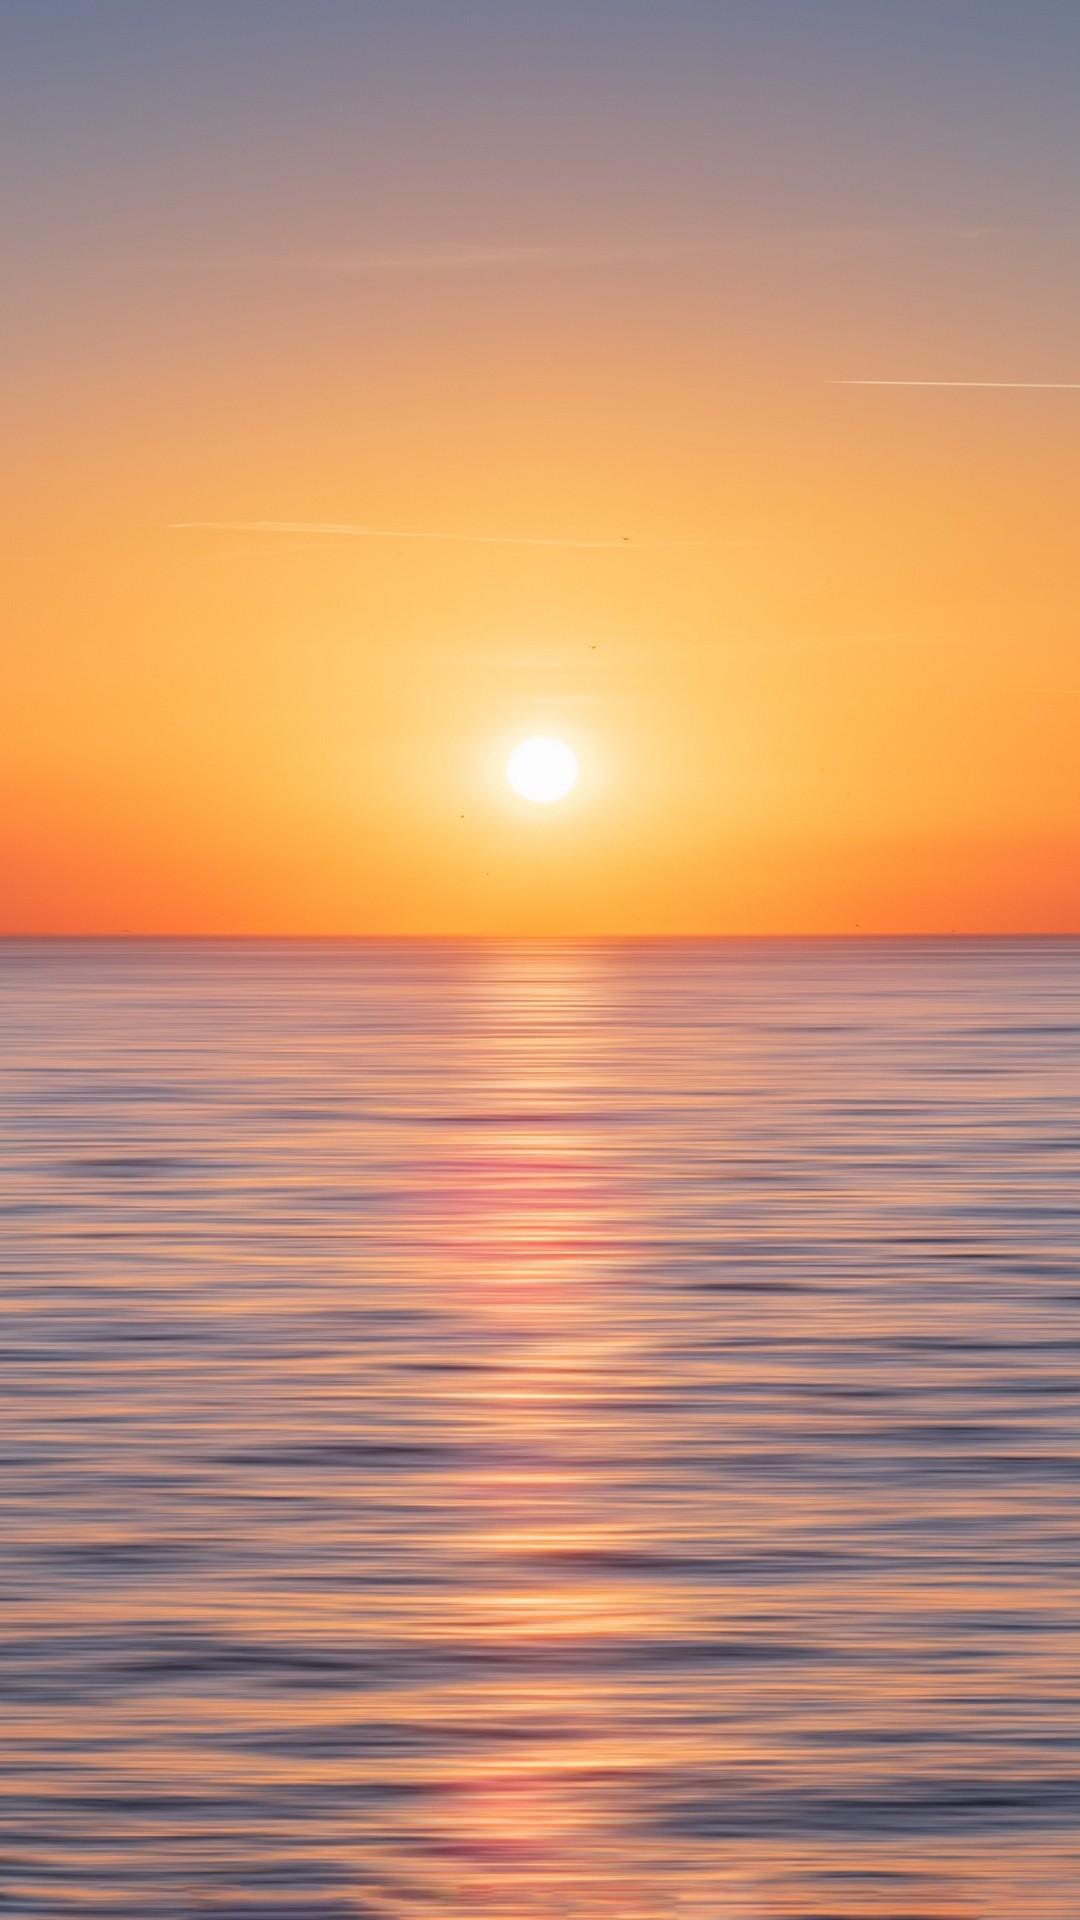 Sunrise phone background